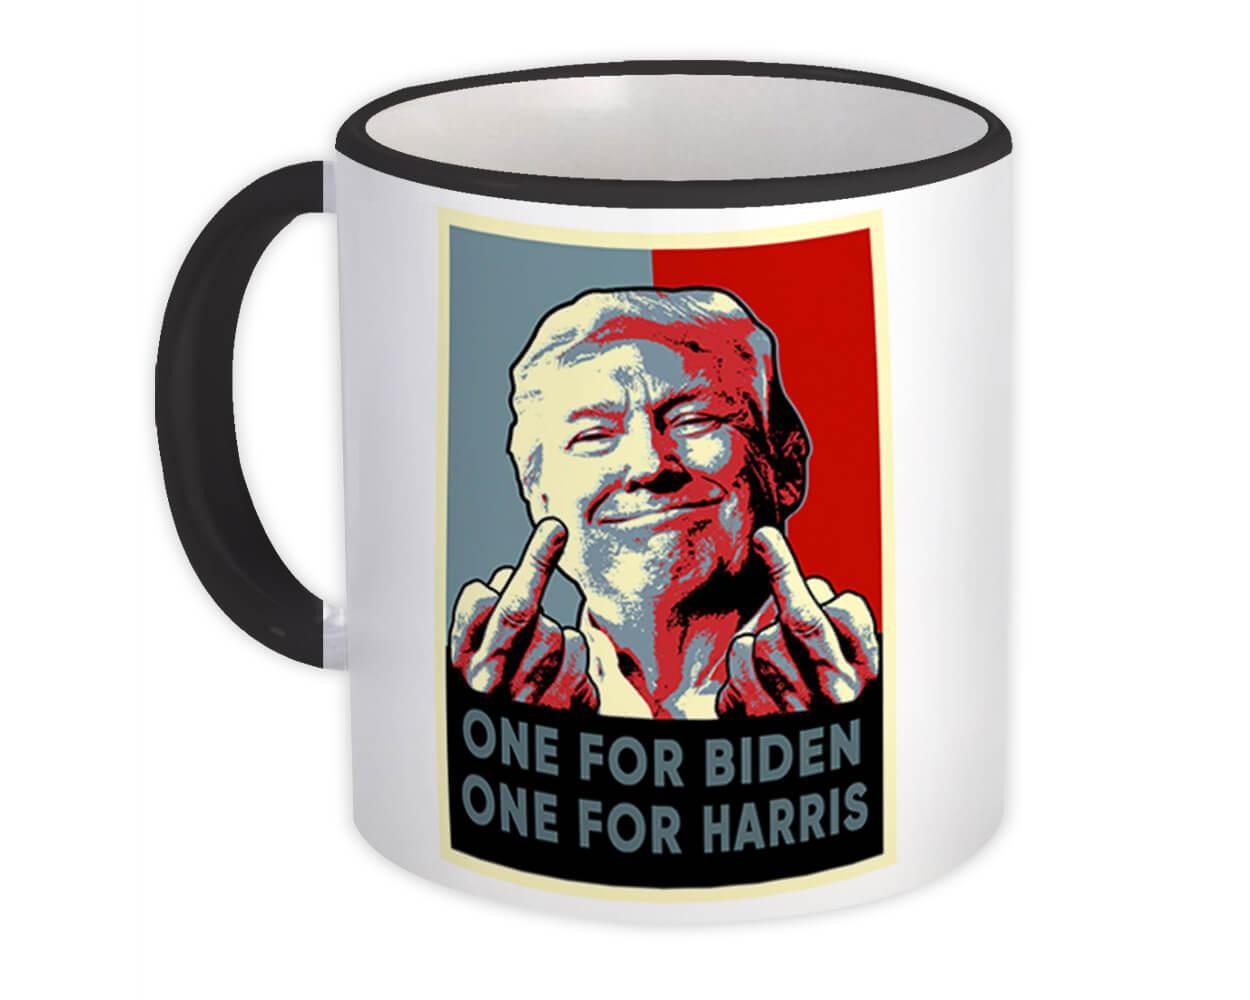 Trump Middle Finger : Gift Mug Gag One for Biden One for Harris President USA